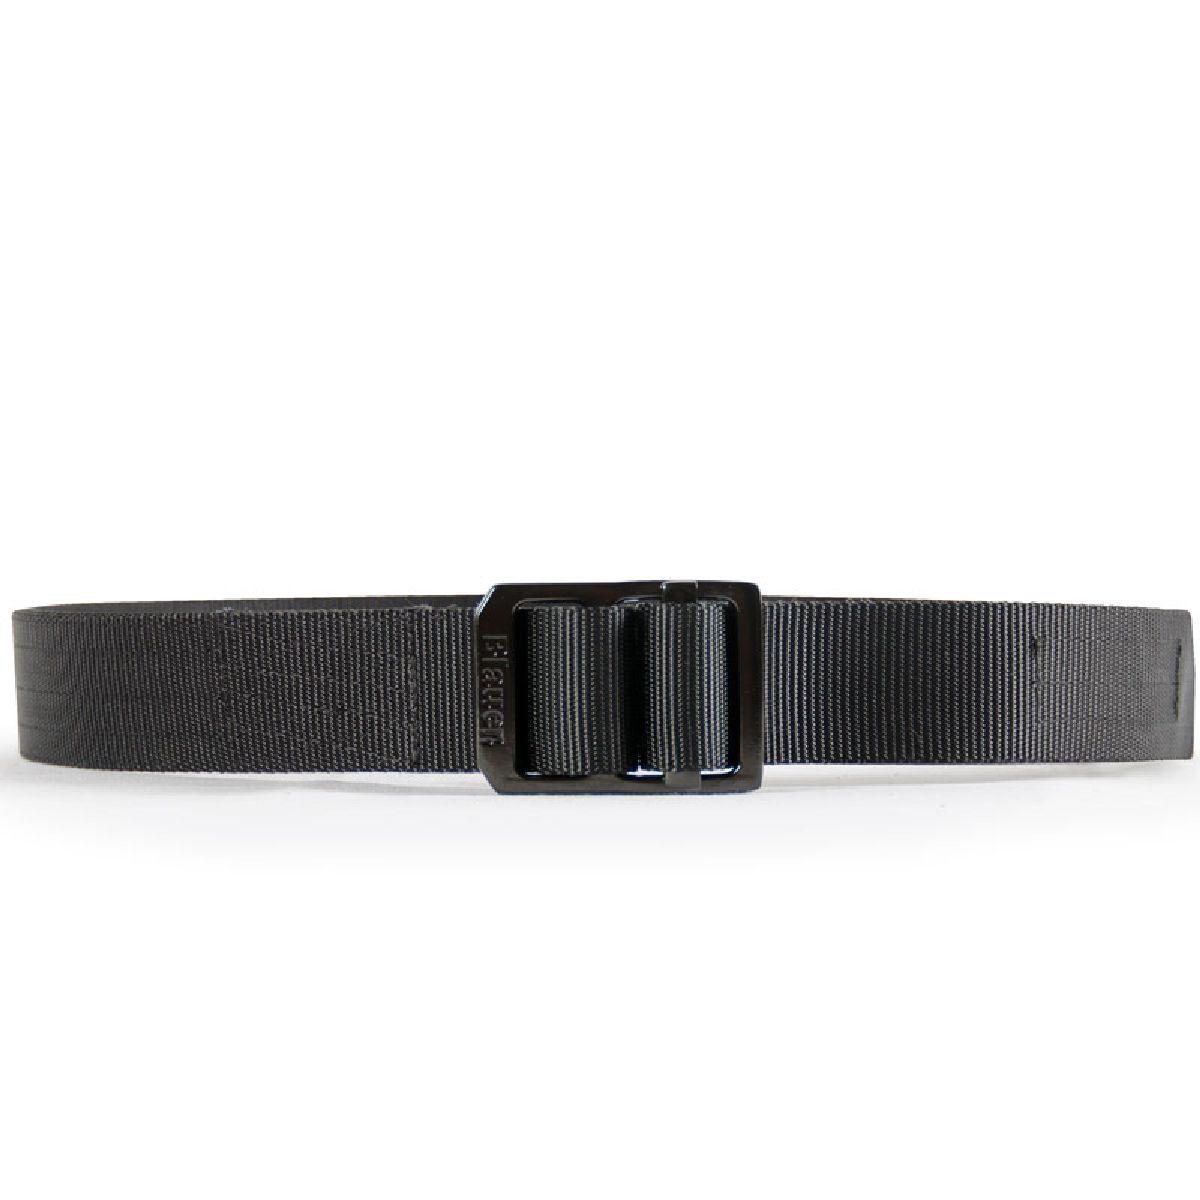 Vise Trainer's 1.5' Belt-